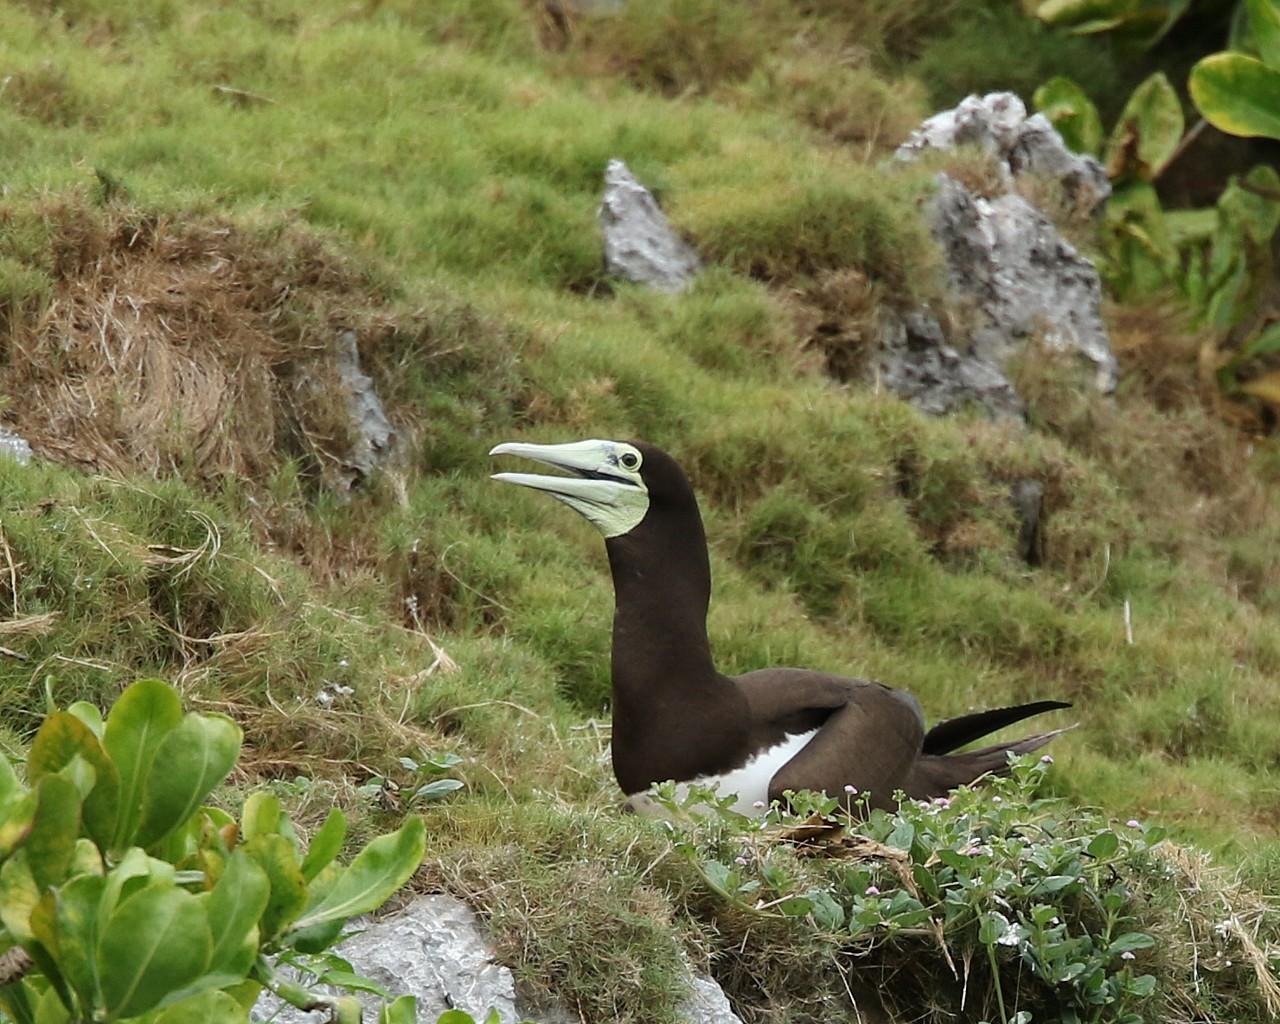 南の島からのお土産その14:抱卵中のカツオドリお母さん_f0105570_21482449.jpg